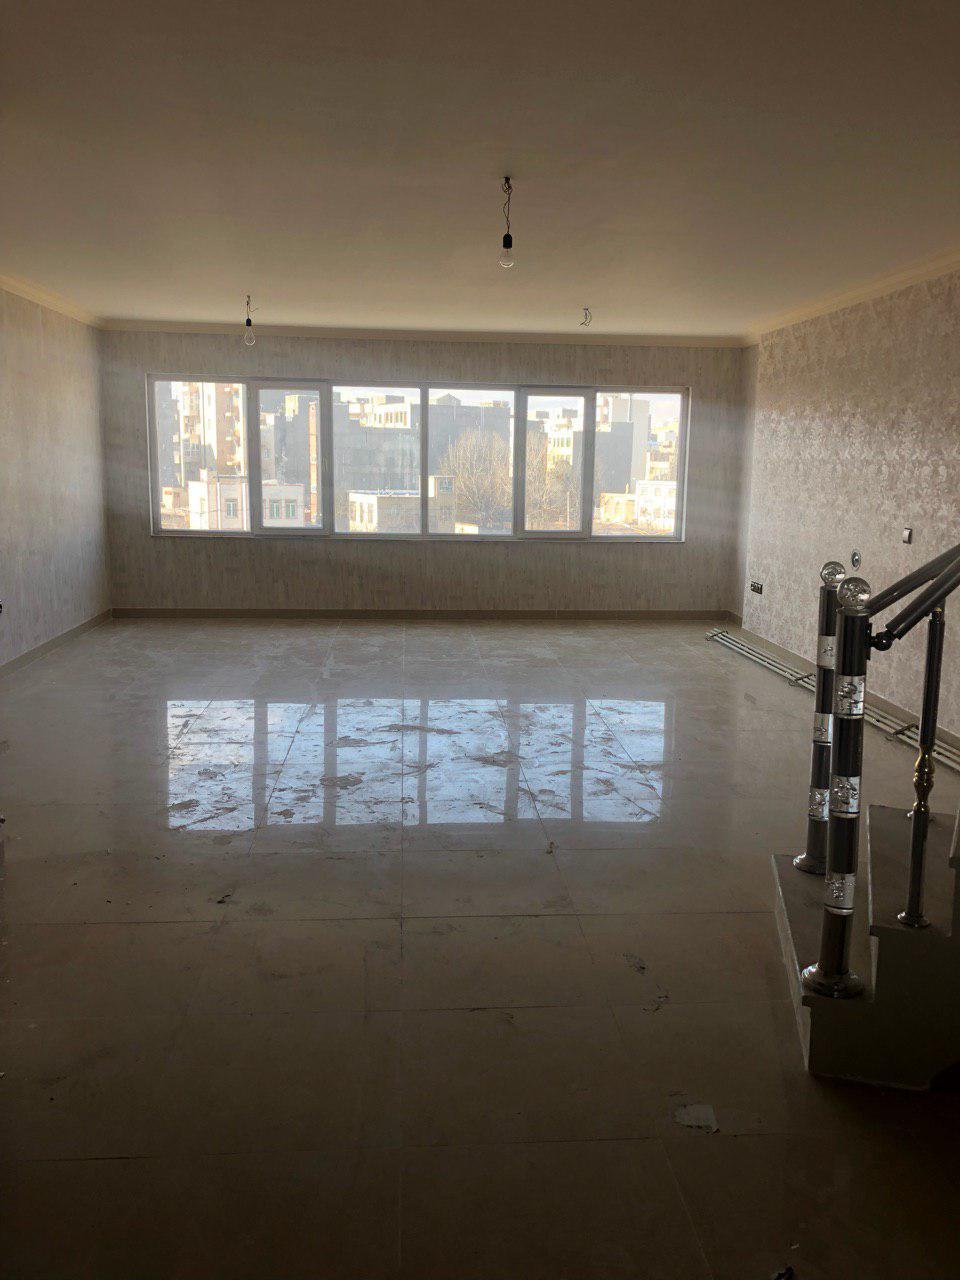 فروش طبقه چهارم از آپارتمان 4 طبقه(7واحد) در دانش